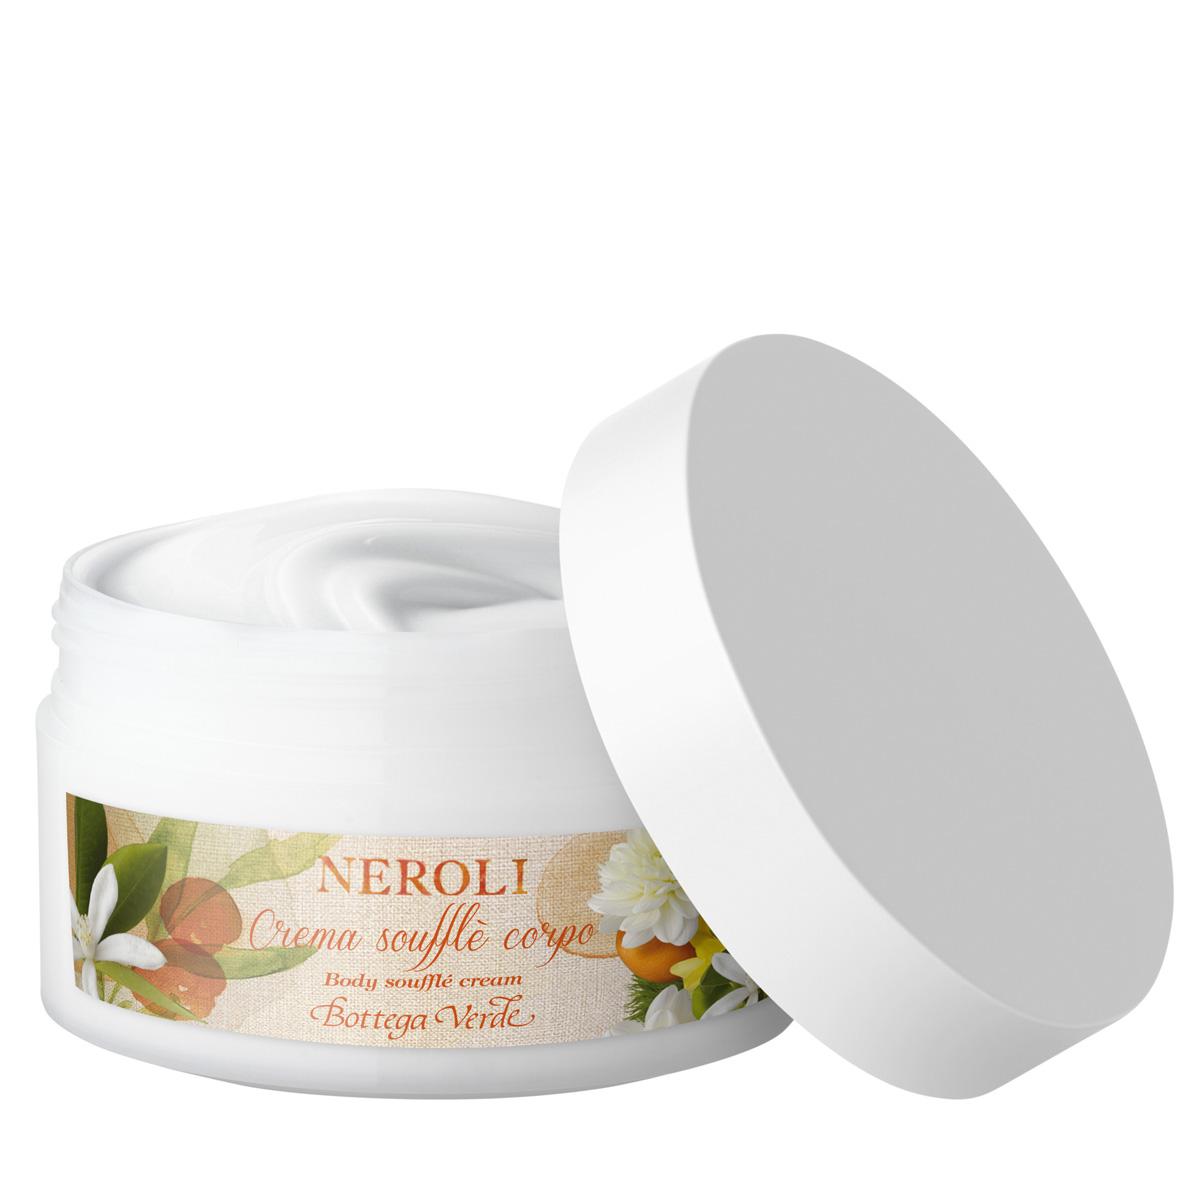 Neroli - Crema de corp cu apa de portocale din Sicilia (200 ml)